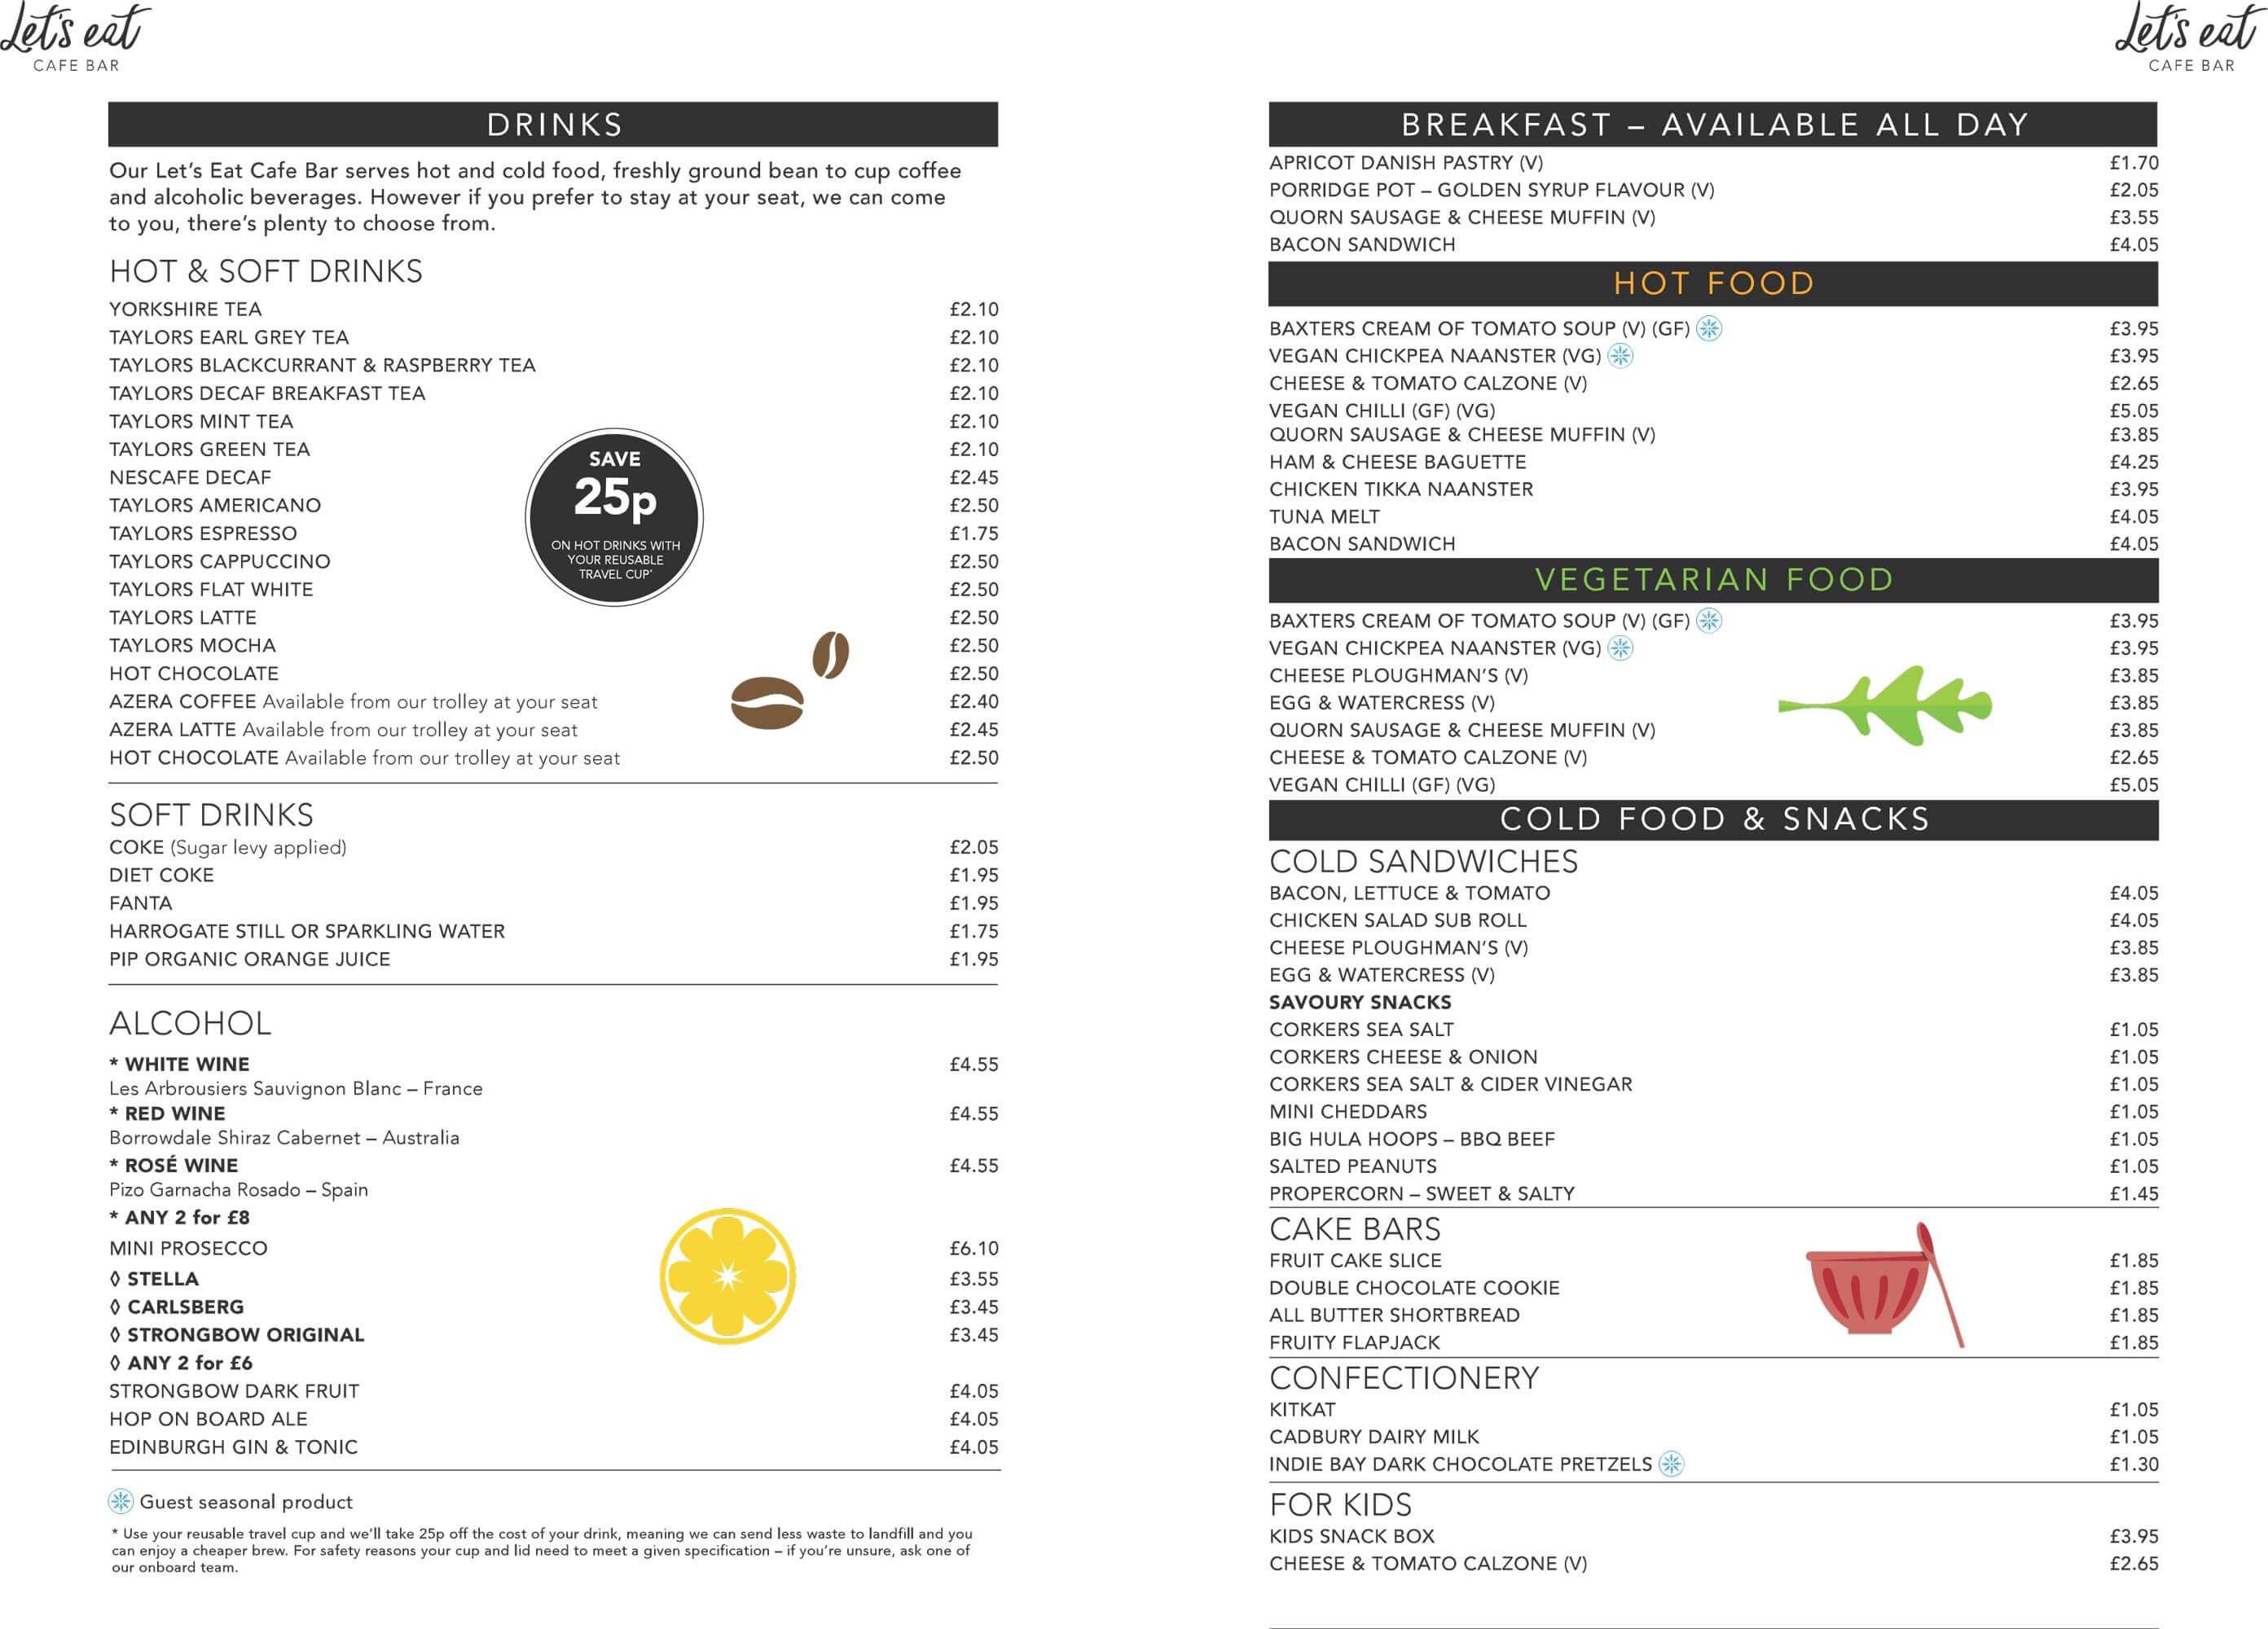 LNER-Cafe-Bar-Menu-2019-2020.jpg